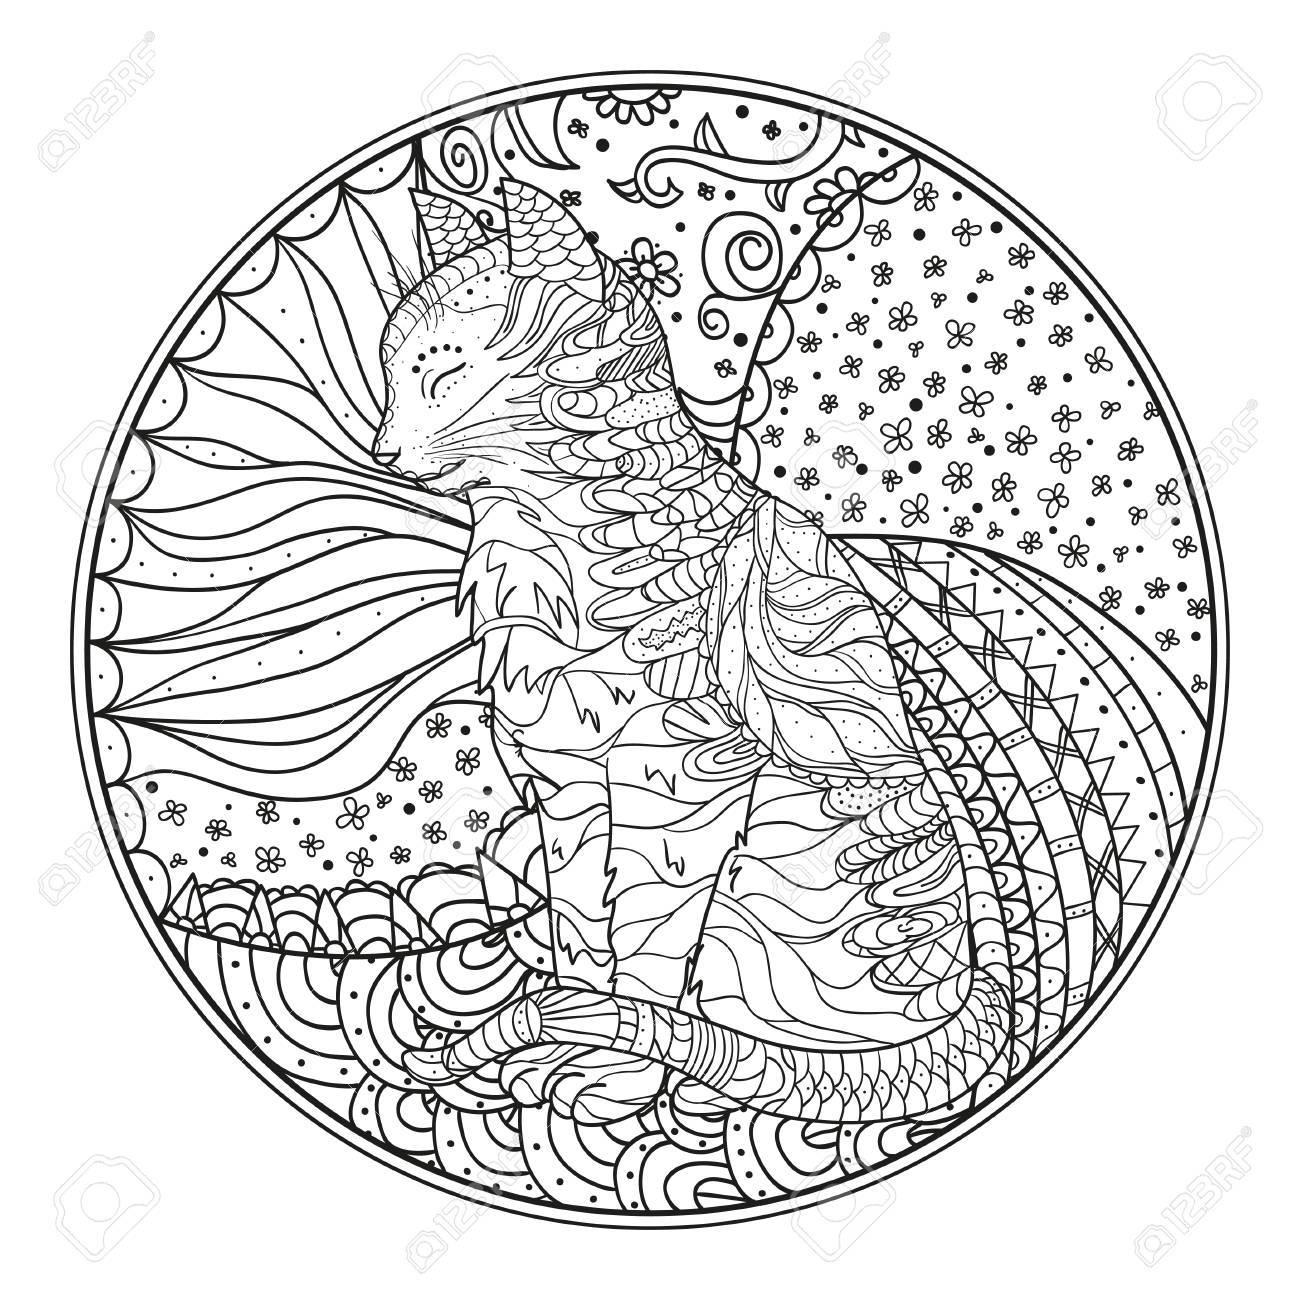 Katze. Mandala Hand Gezeichneten Zendala Mit Abstrakten Mustern Auf ...